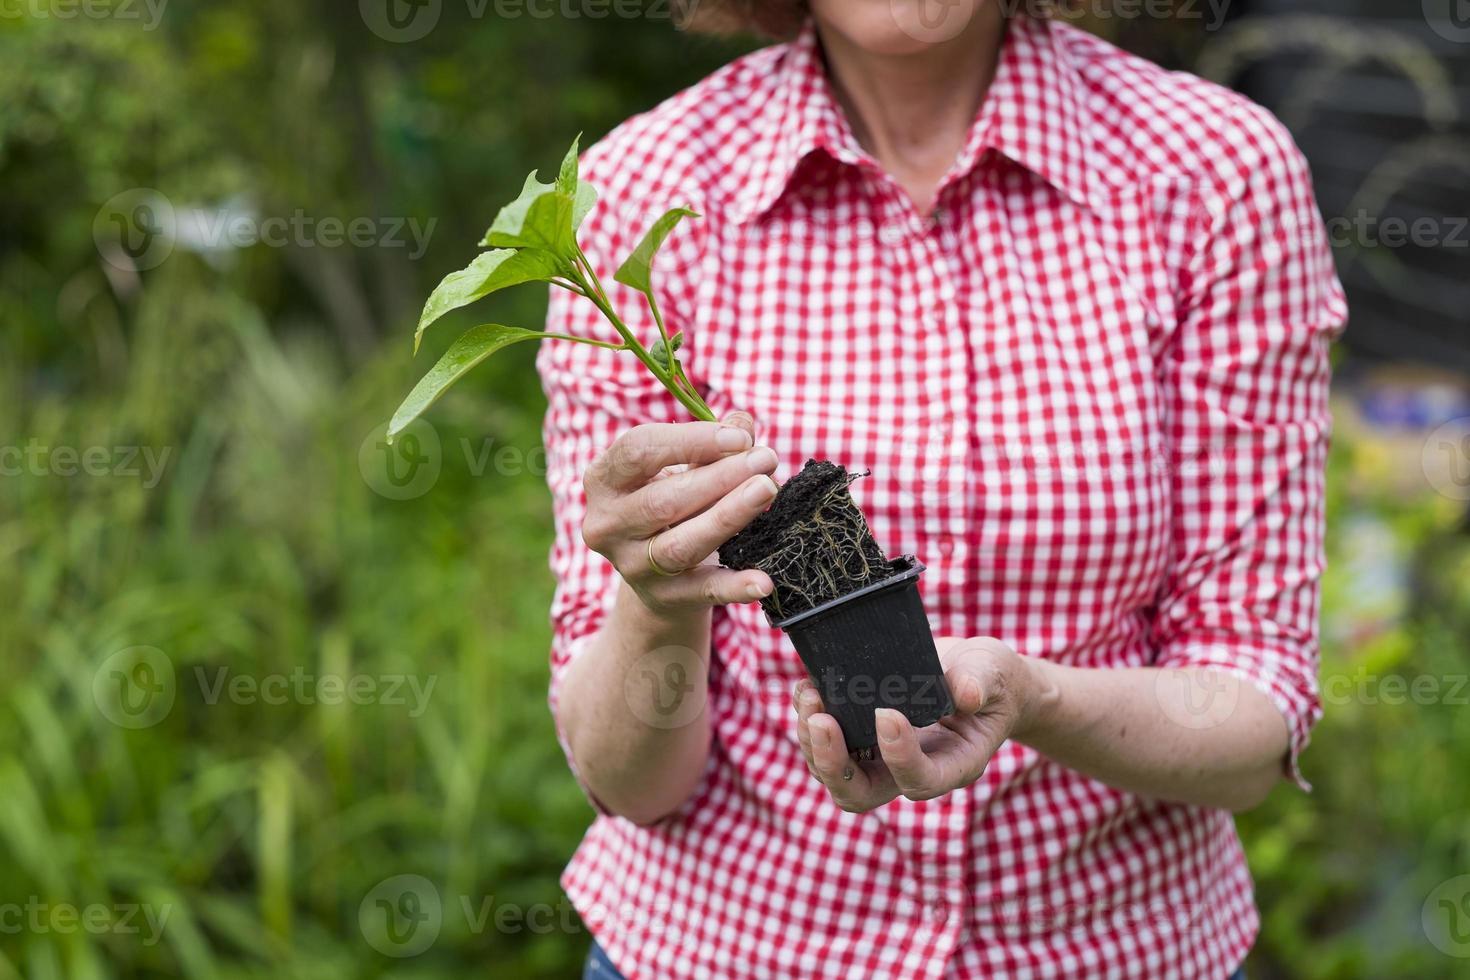 närbild av äldre kvinna som håller en växt i kruka foto